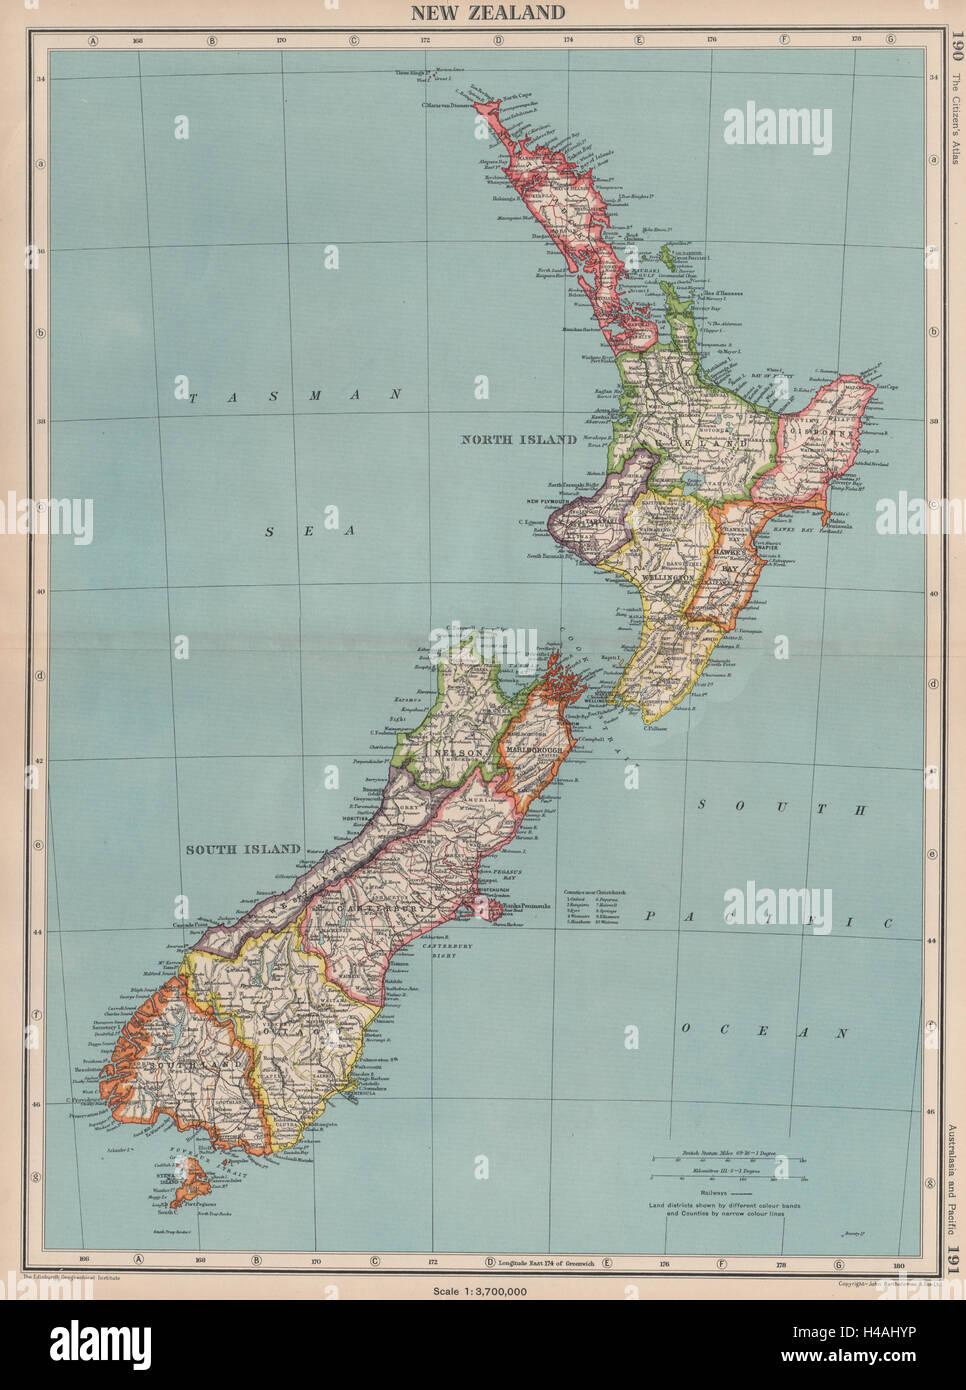 New Zealand Provinces Map.New Zealand Showing Provinces Bartholomew 1944 Old Vintage Map